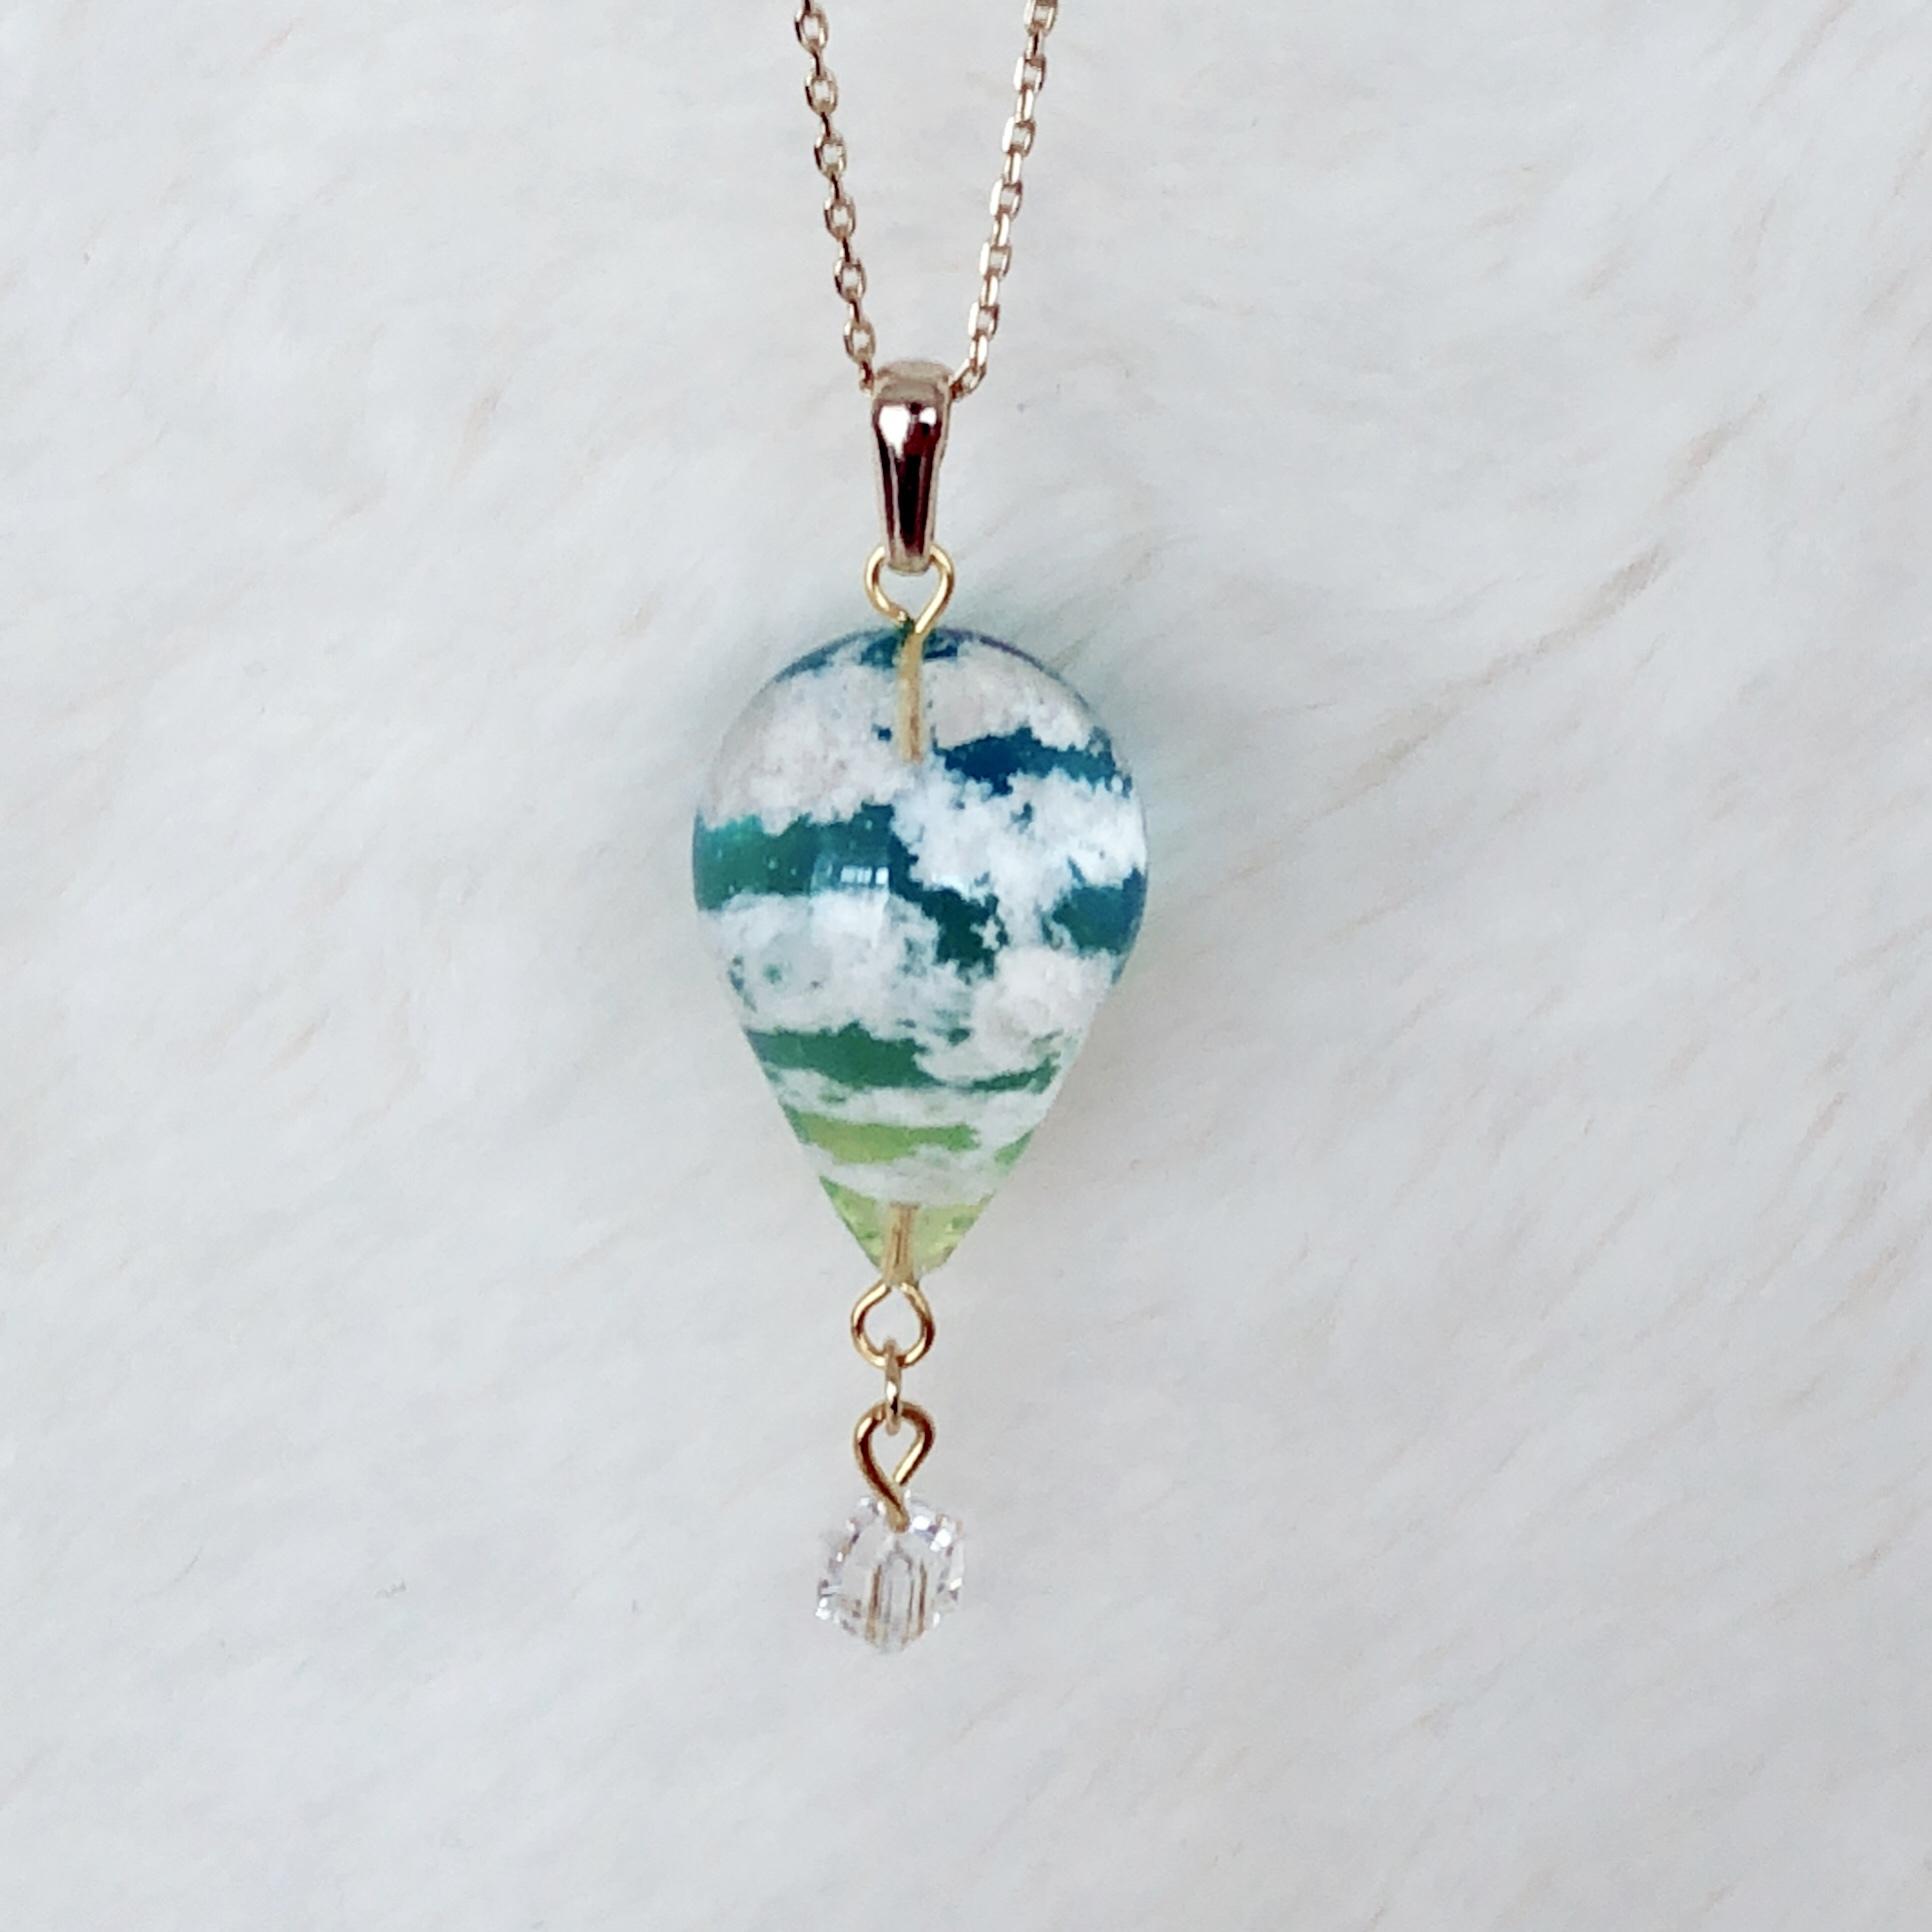 【雪うさぎの告白館】P20-1 黄昏気球ネックレス (アクアマリン)